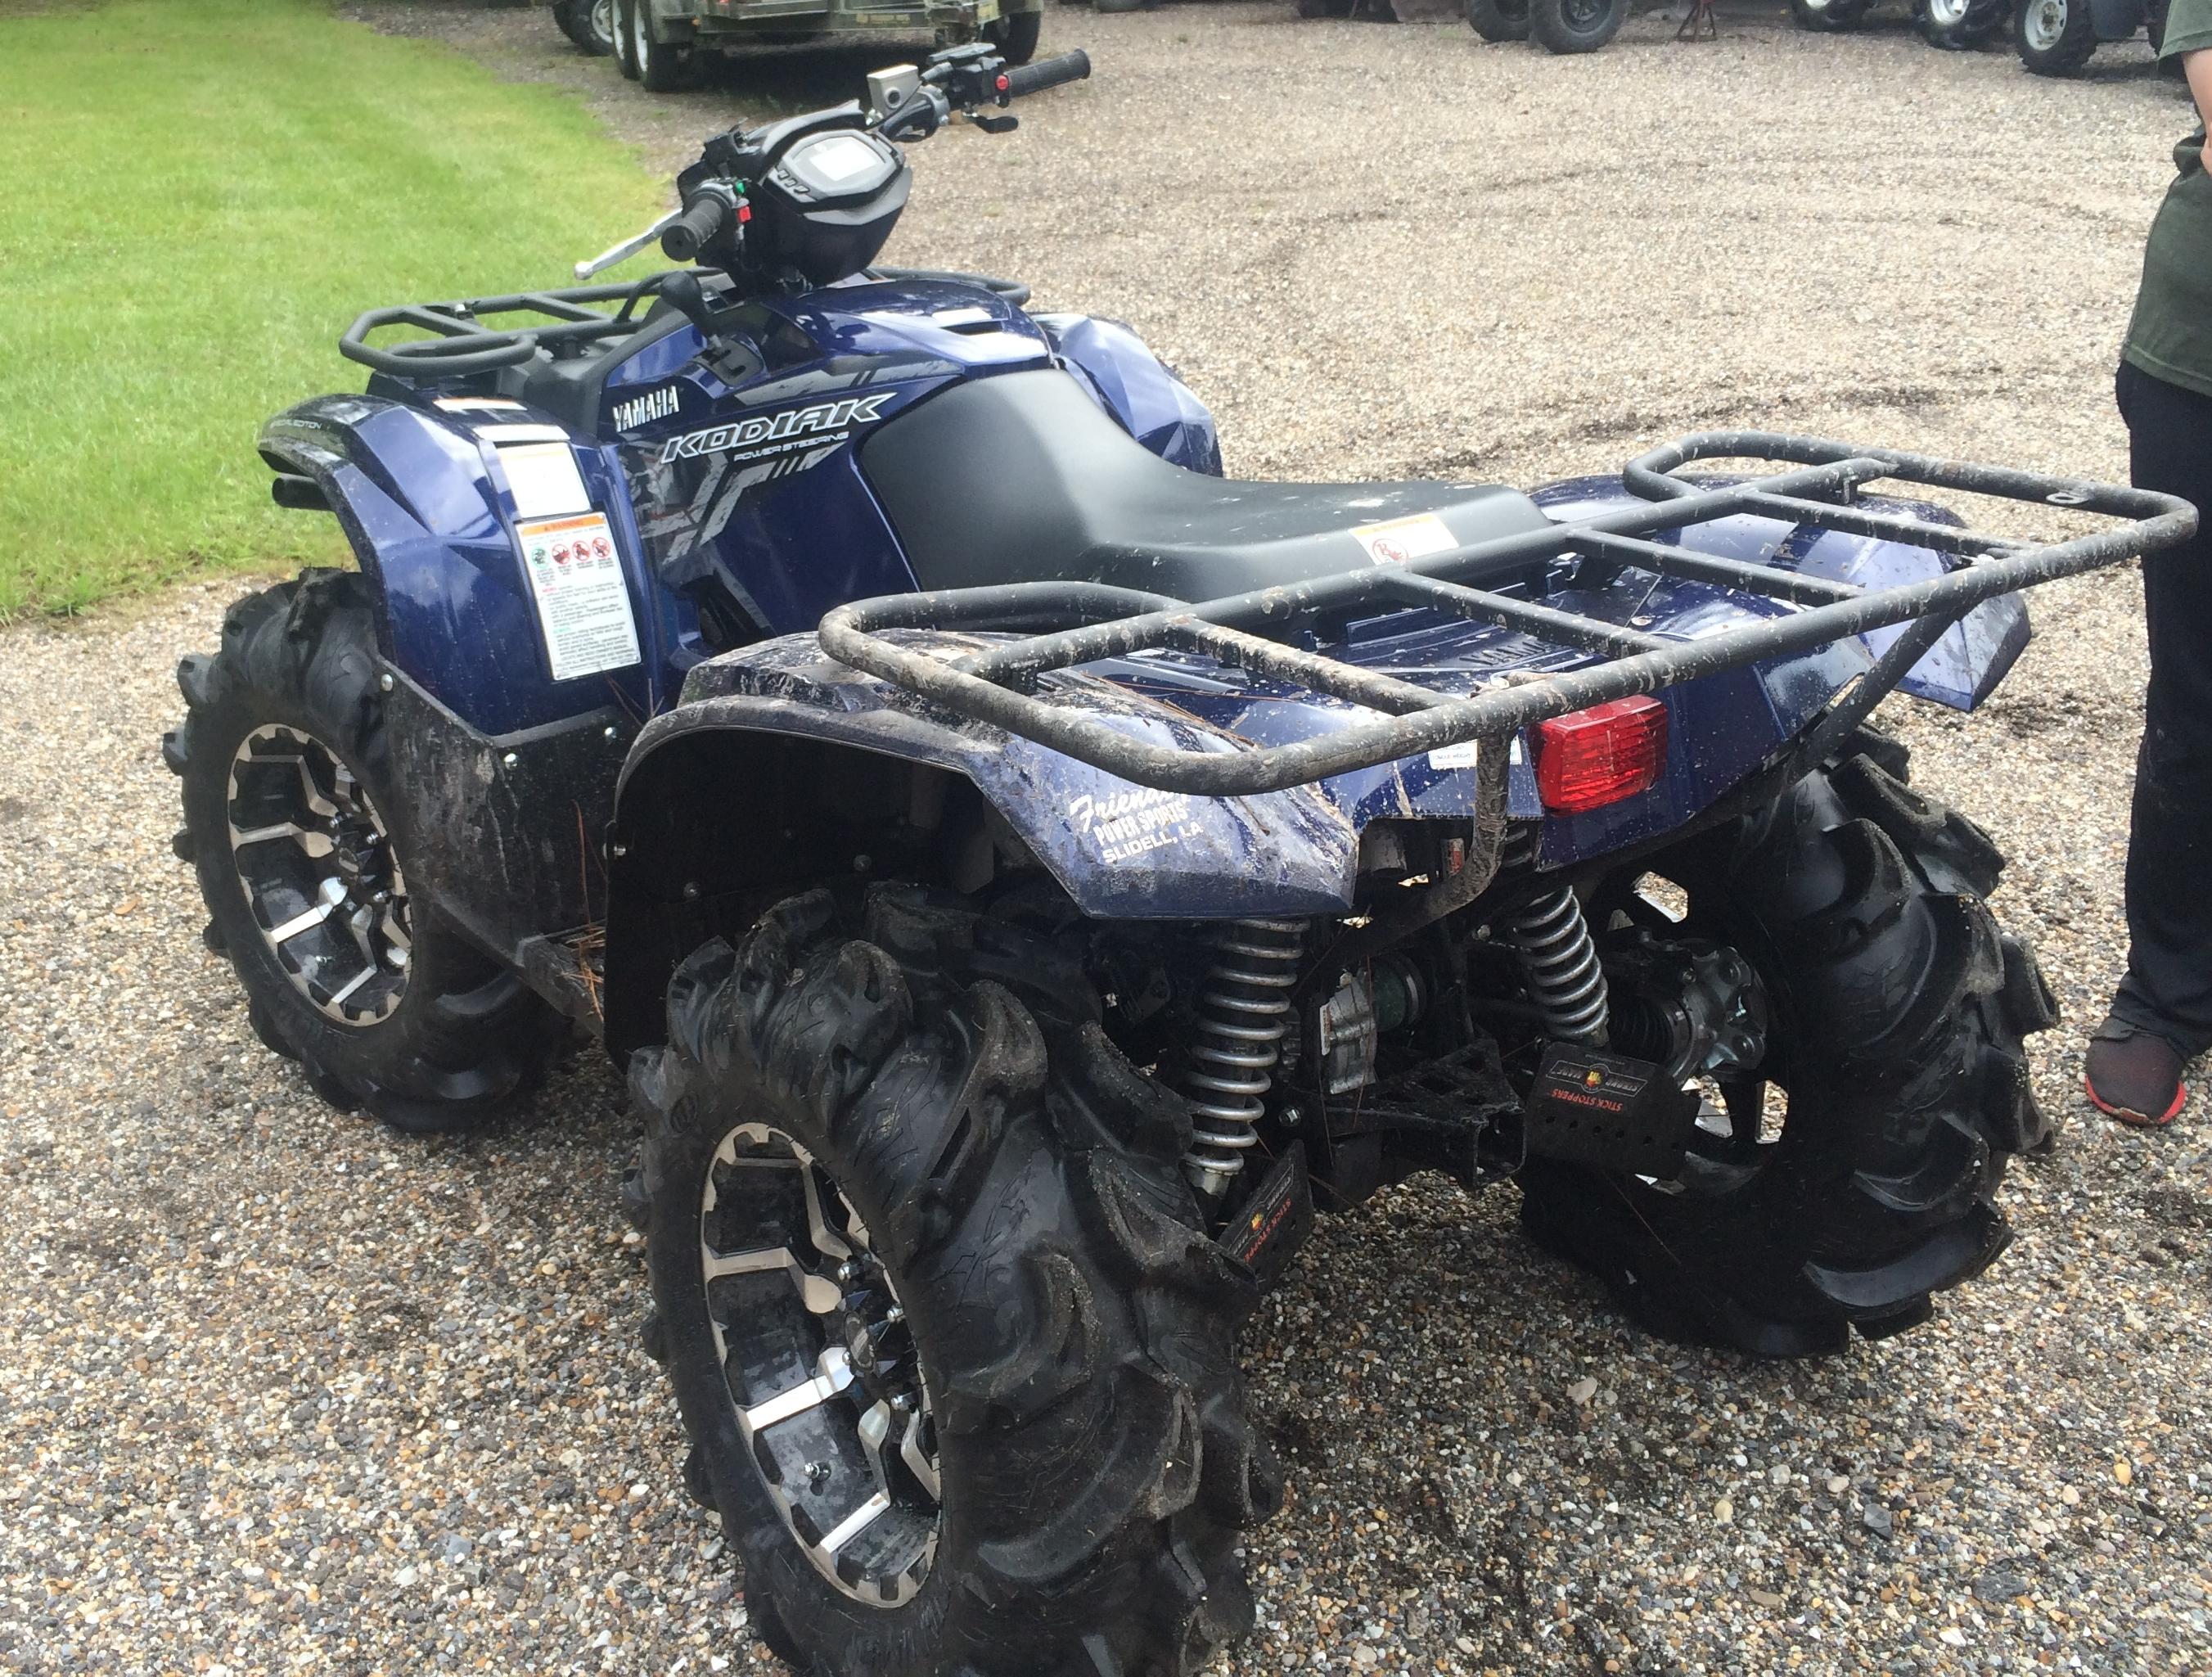 2018 Kodiak 450 vs 2018 Honda Rancher - Page 3 - Honda ATV ...